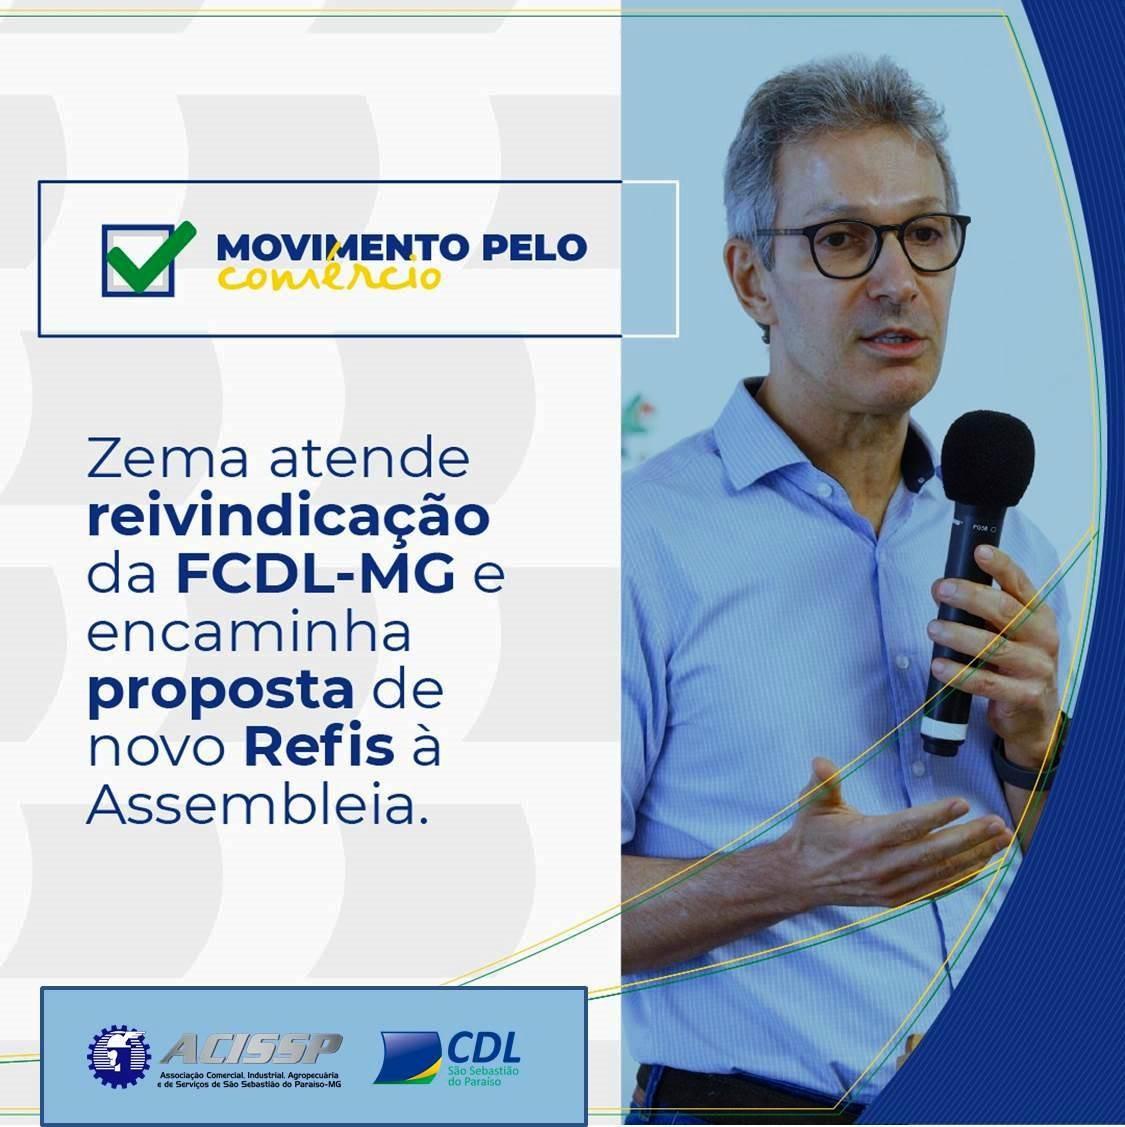 Zema atende reivindicação da FCDL-MG e encaminha proposta de novo Refis à Assembleia